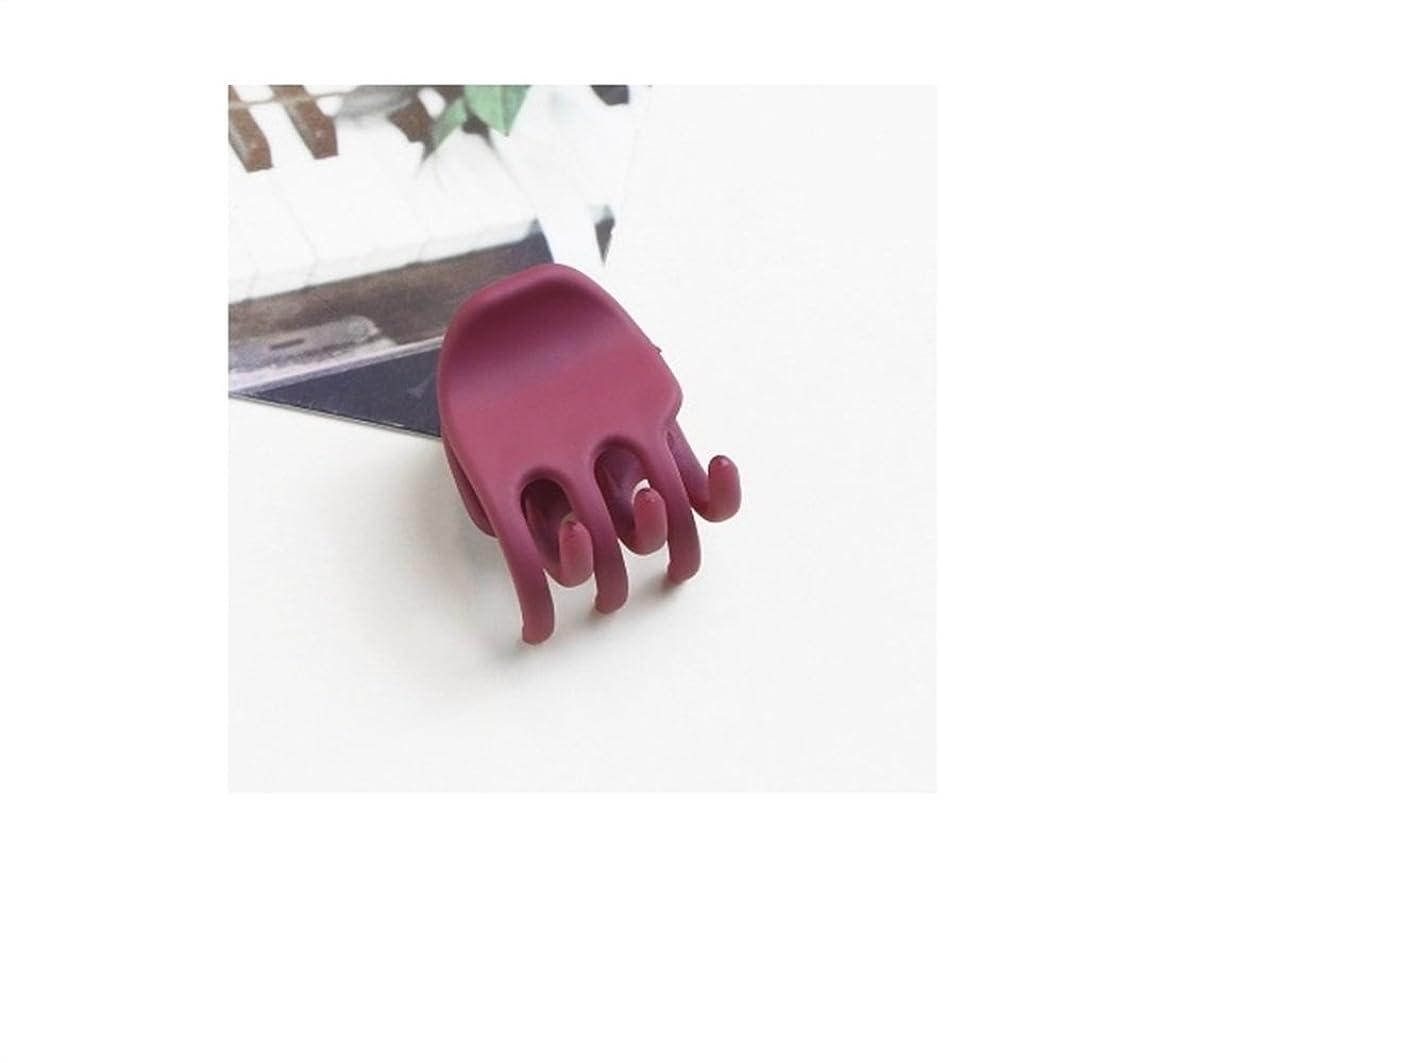 年次時期尚早使役Osize 美しいスタイル シンプルな気質バレエのアクリルマットミディアムとスモールヘアクリップ爪クリップ(ロージー)